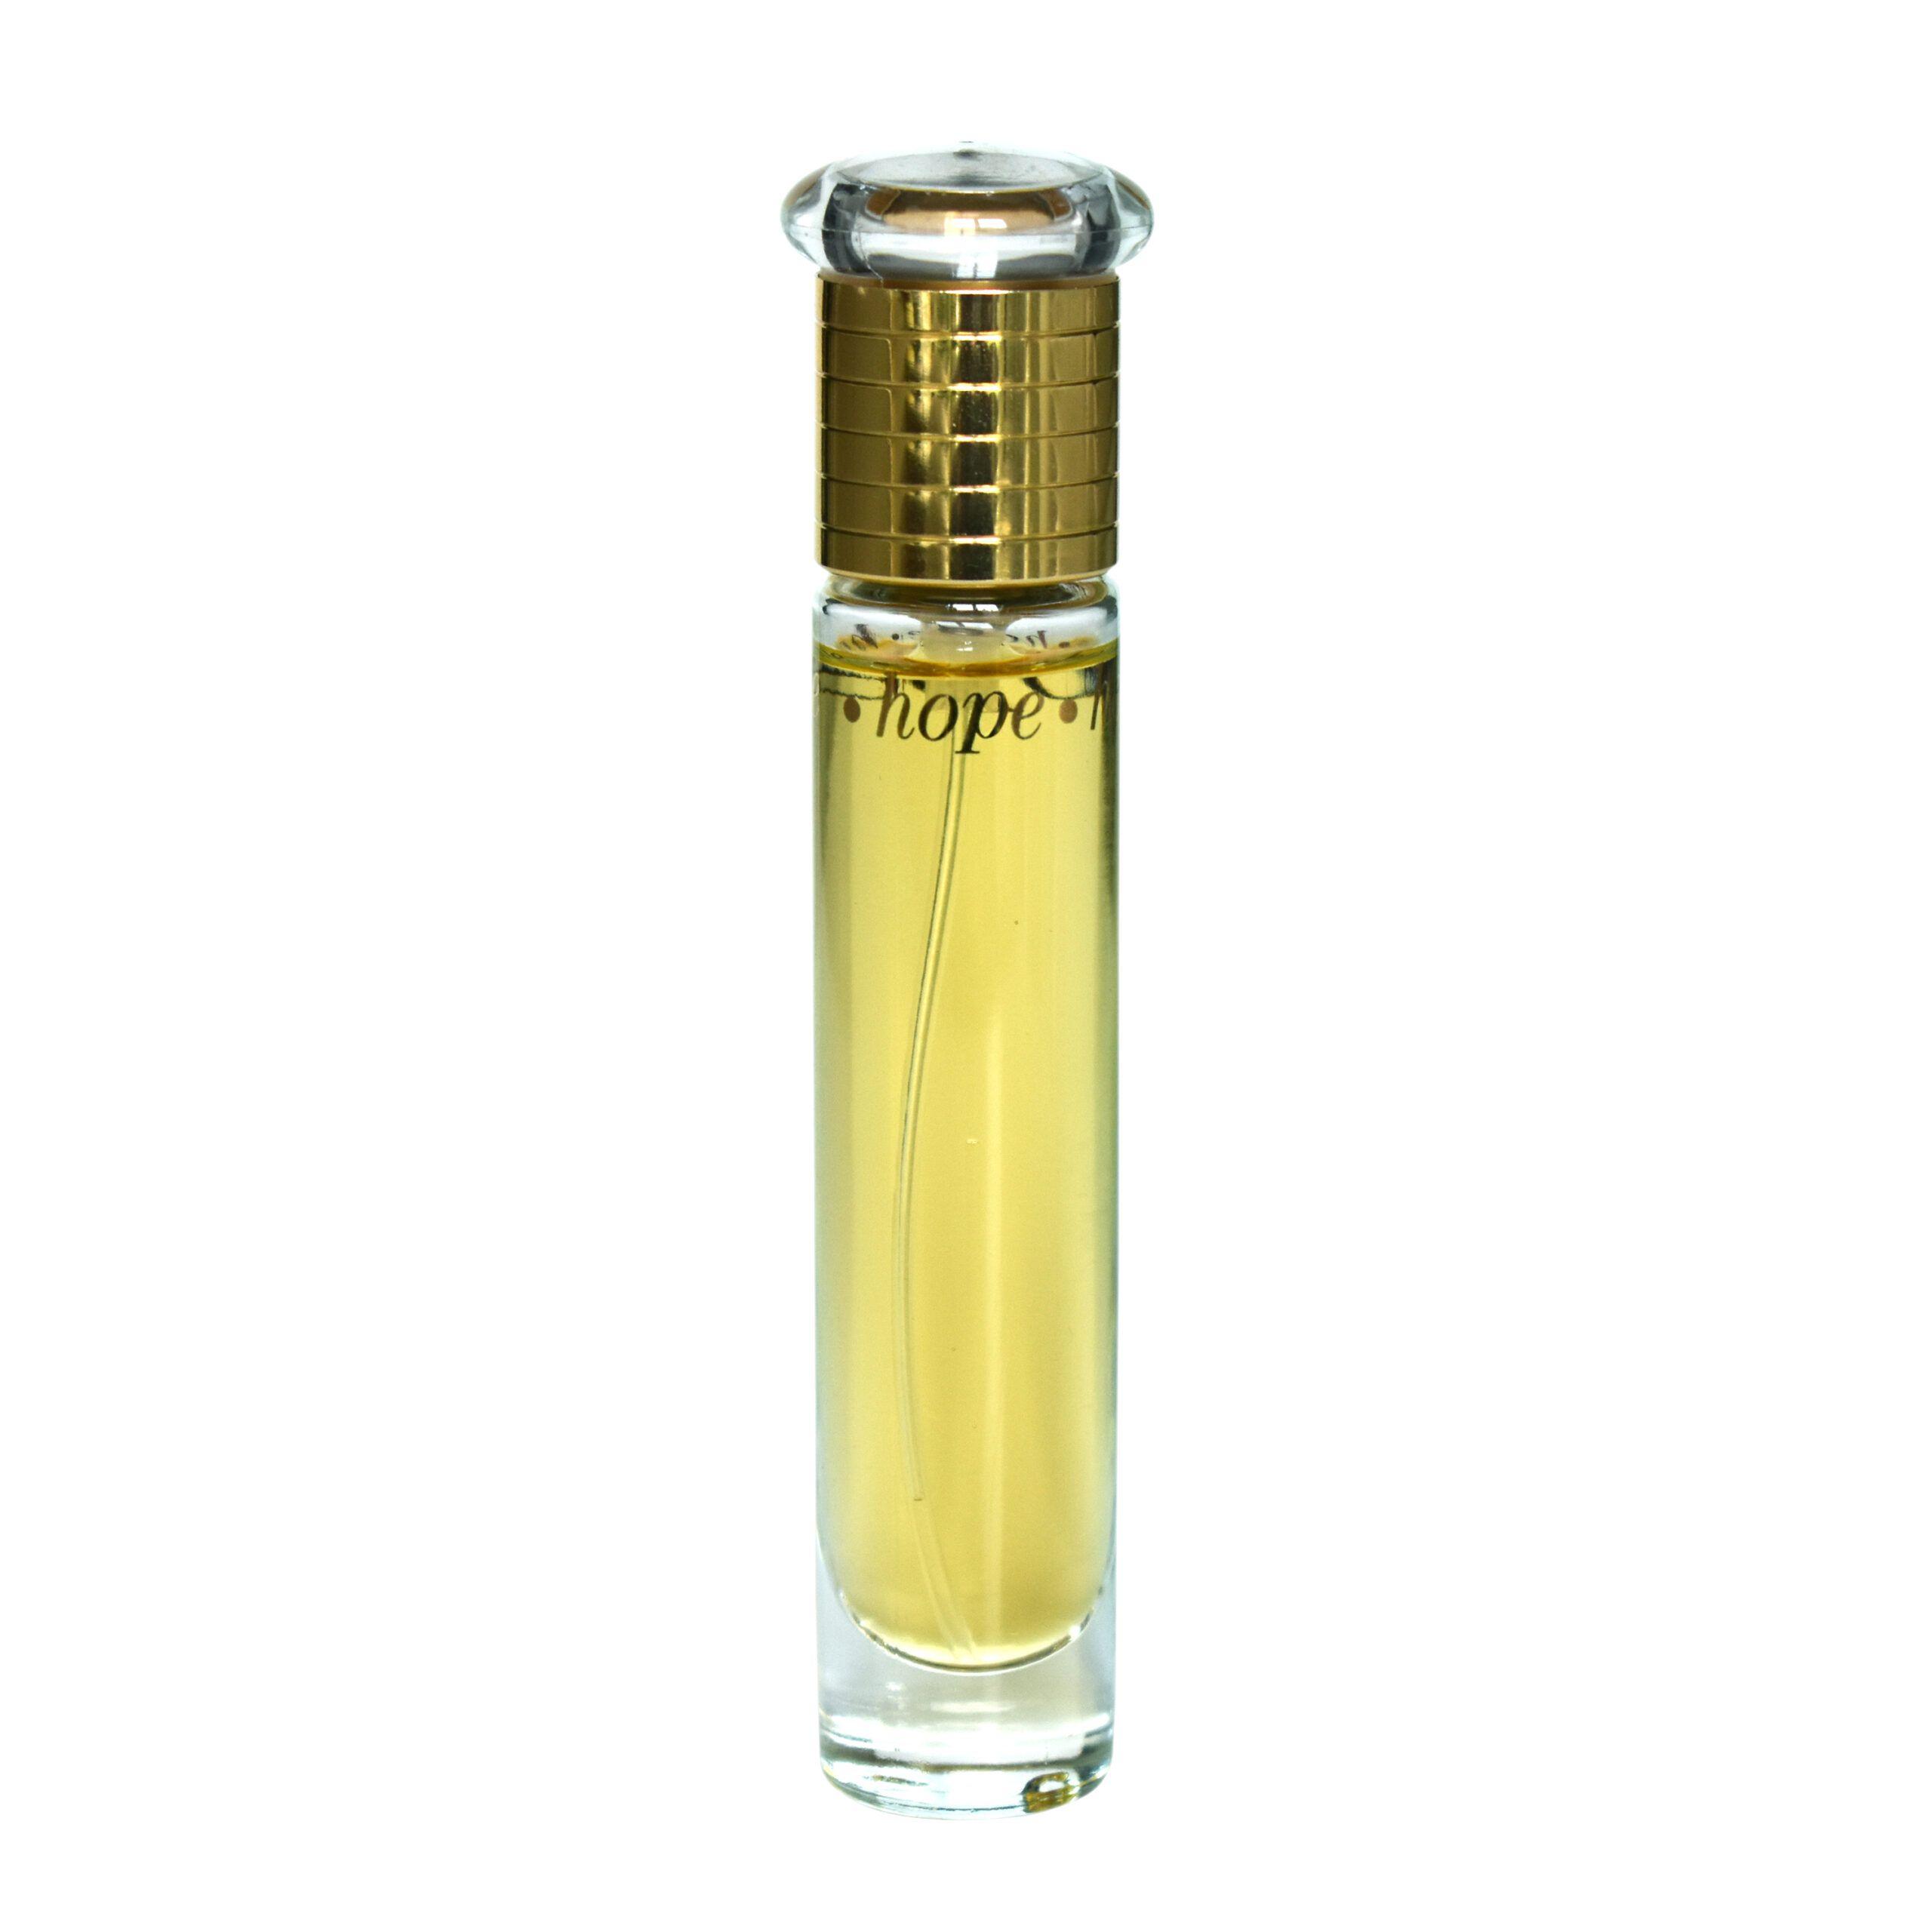 Hope Original Eau de Parfum Purse Spray